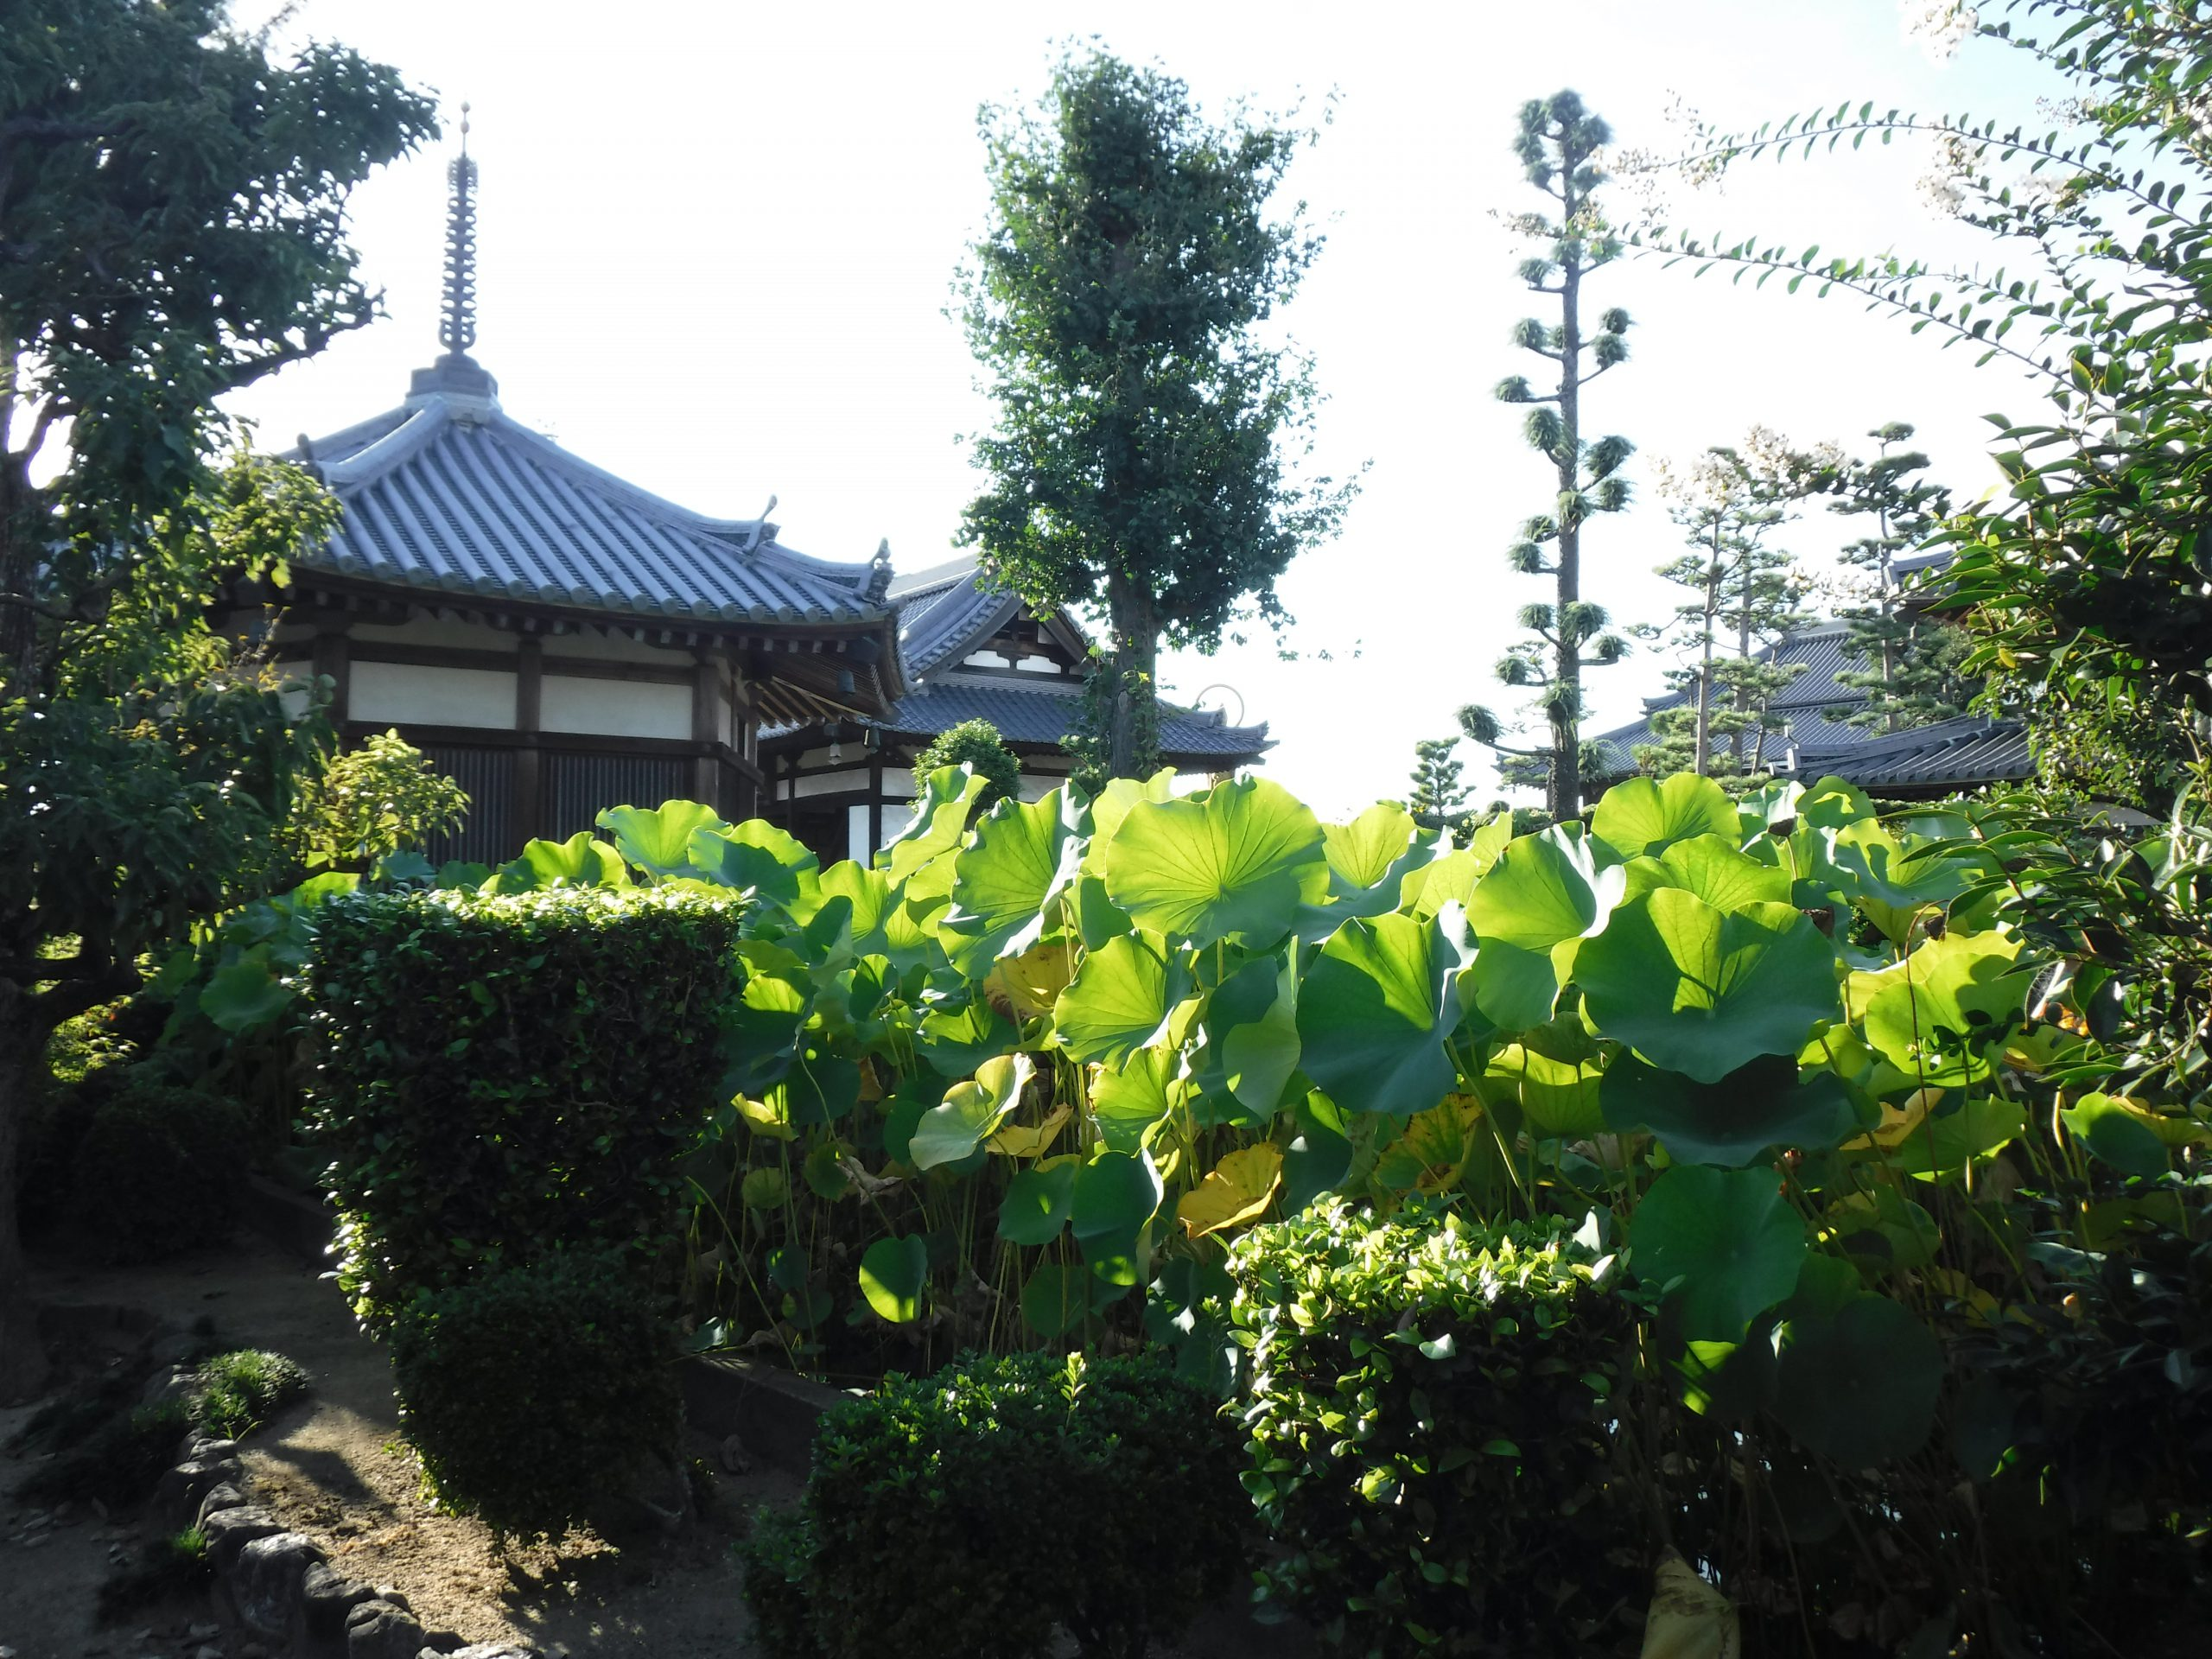 <p>境内庭園</p>5月の花祭りの頃には、市の花木でもあるツツジが境内一円に咲く。